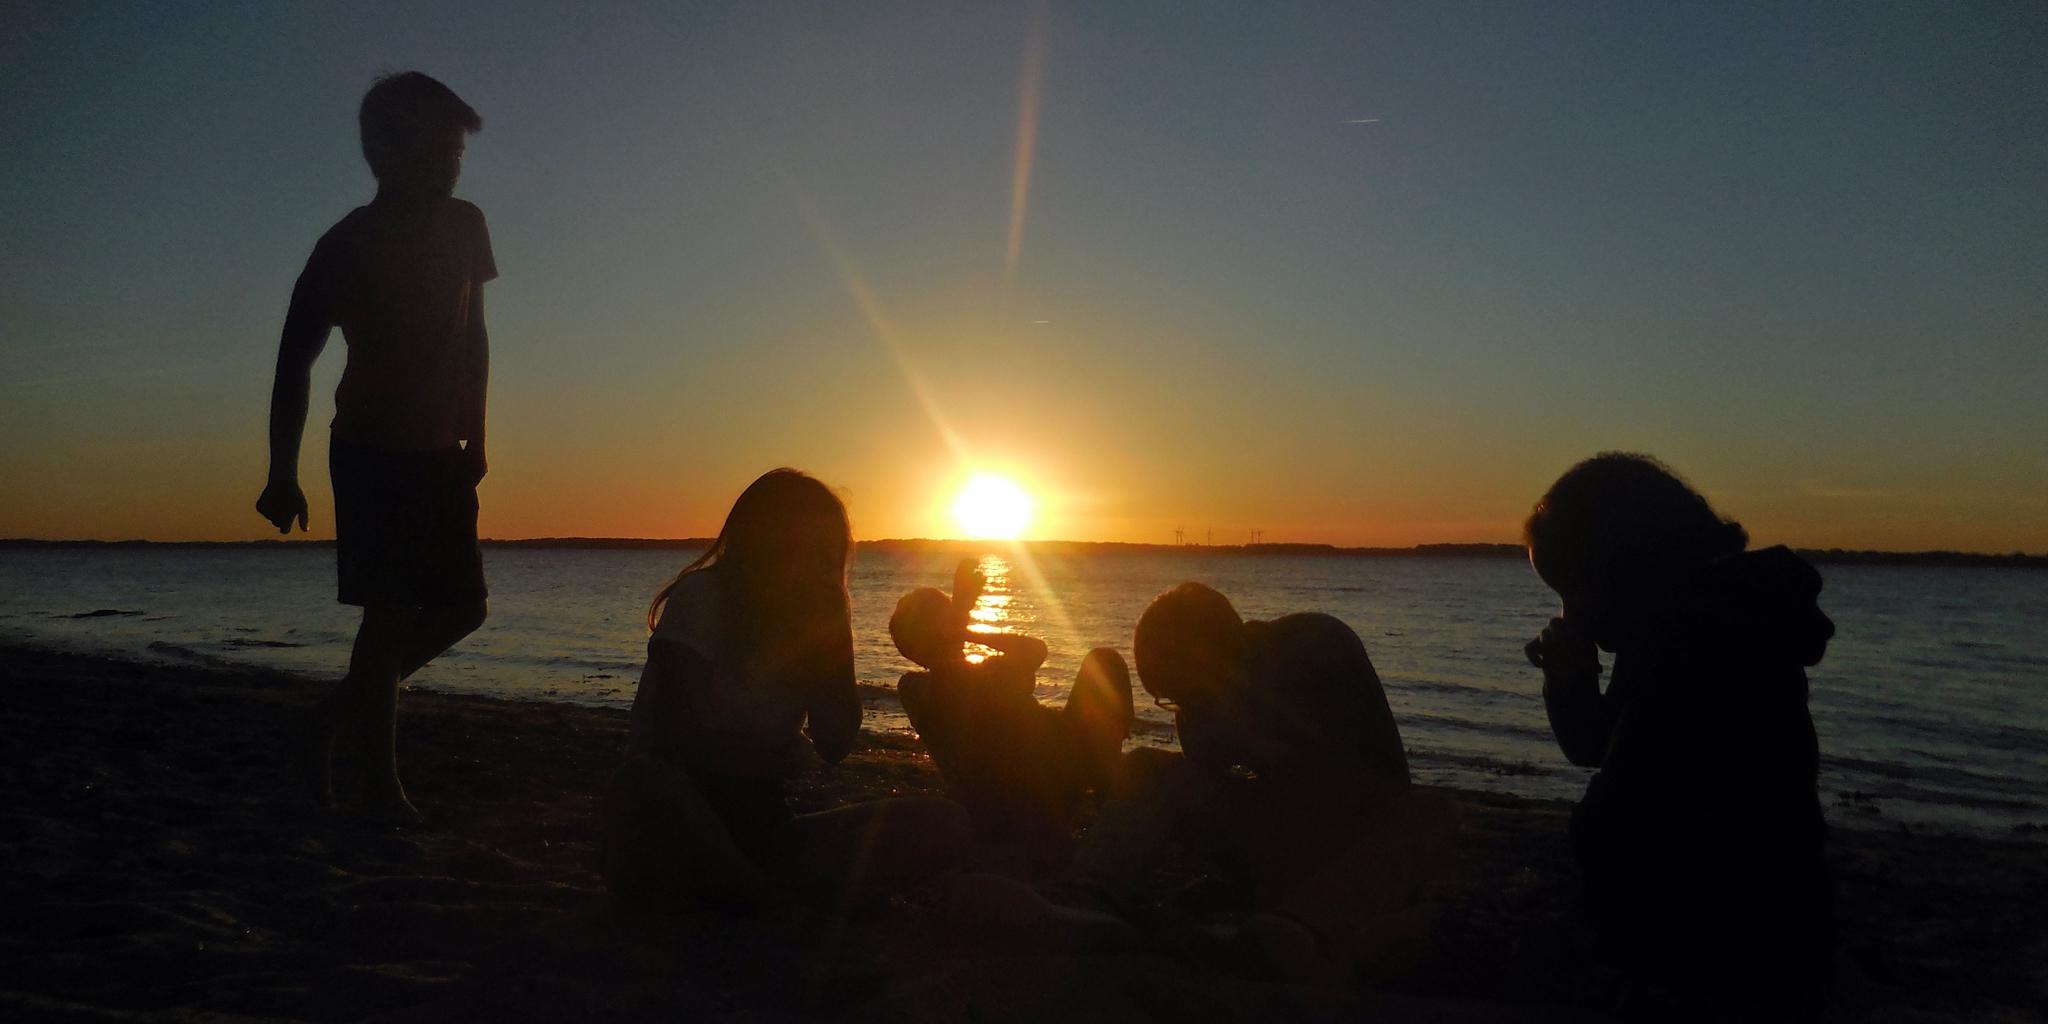 Jugendliche am Strand im Sonnenuntergang